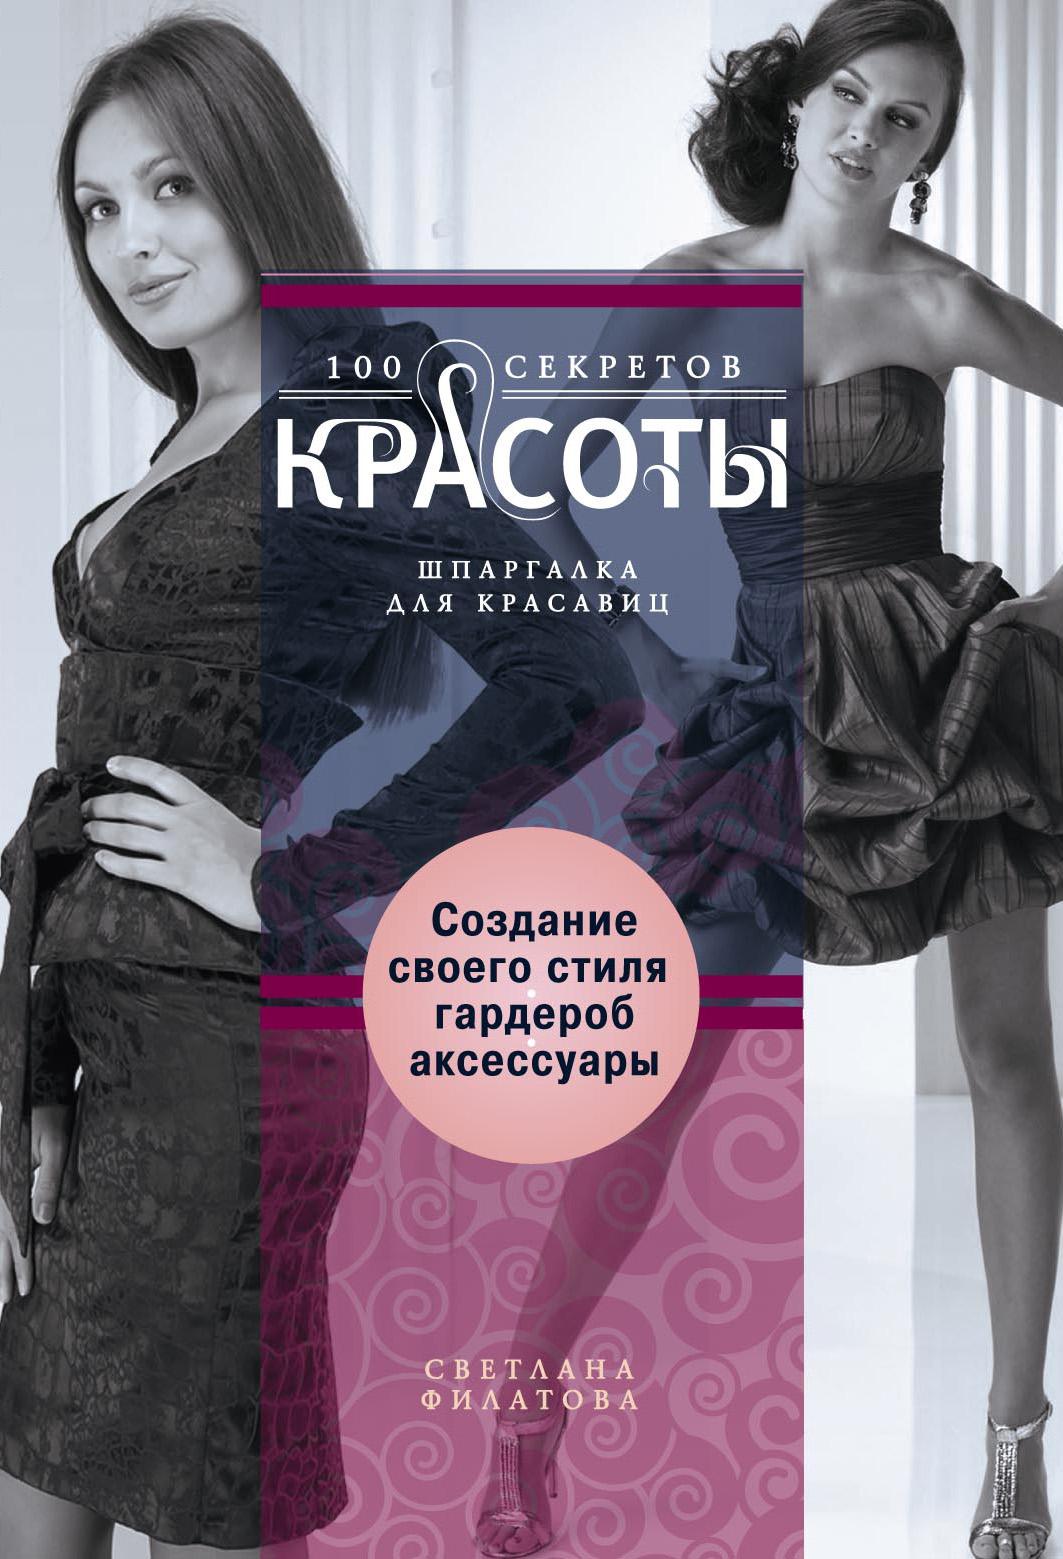 С. В. Филатова Создание собственного стиля. Гардероб и аксессуары одежда обувь и аксессуары